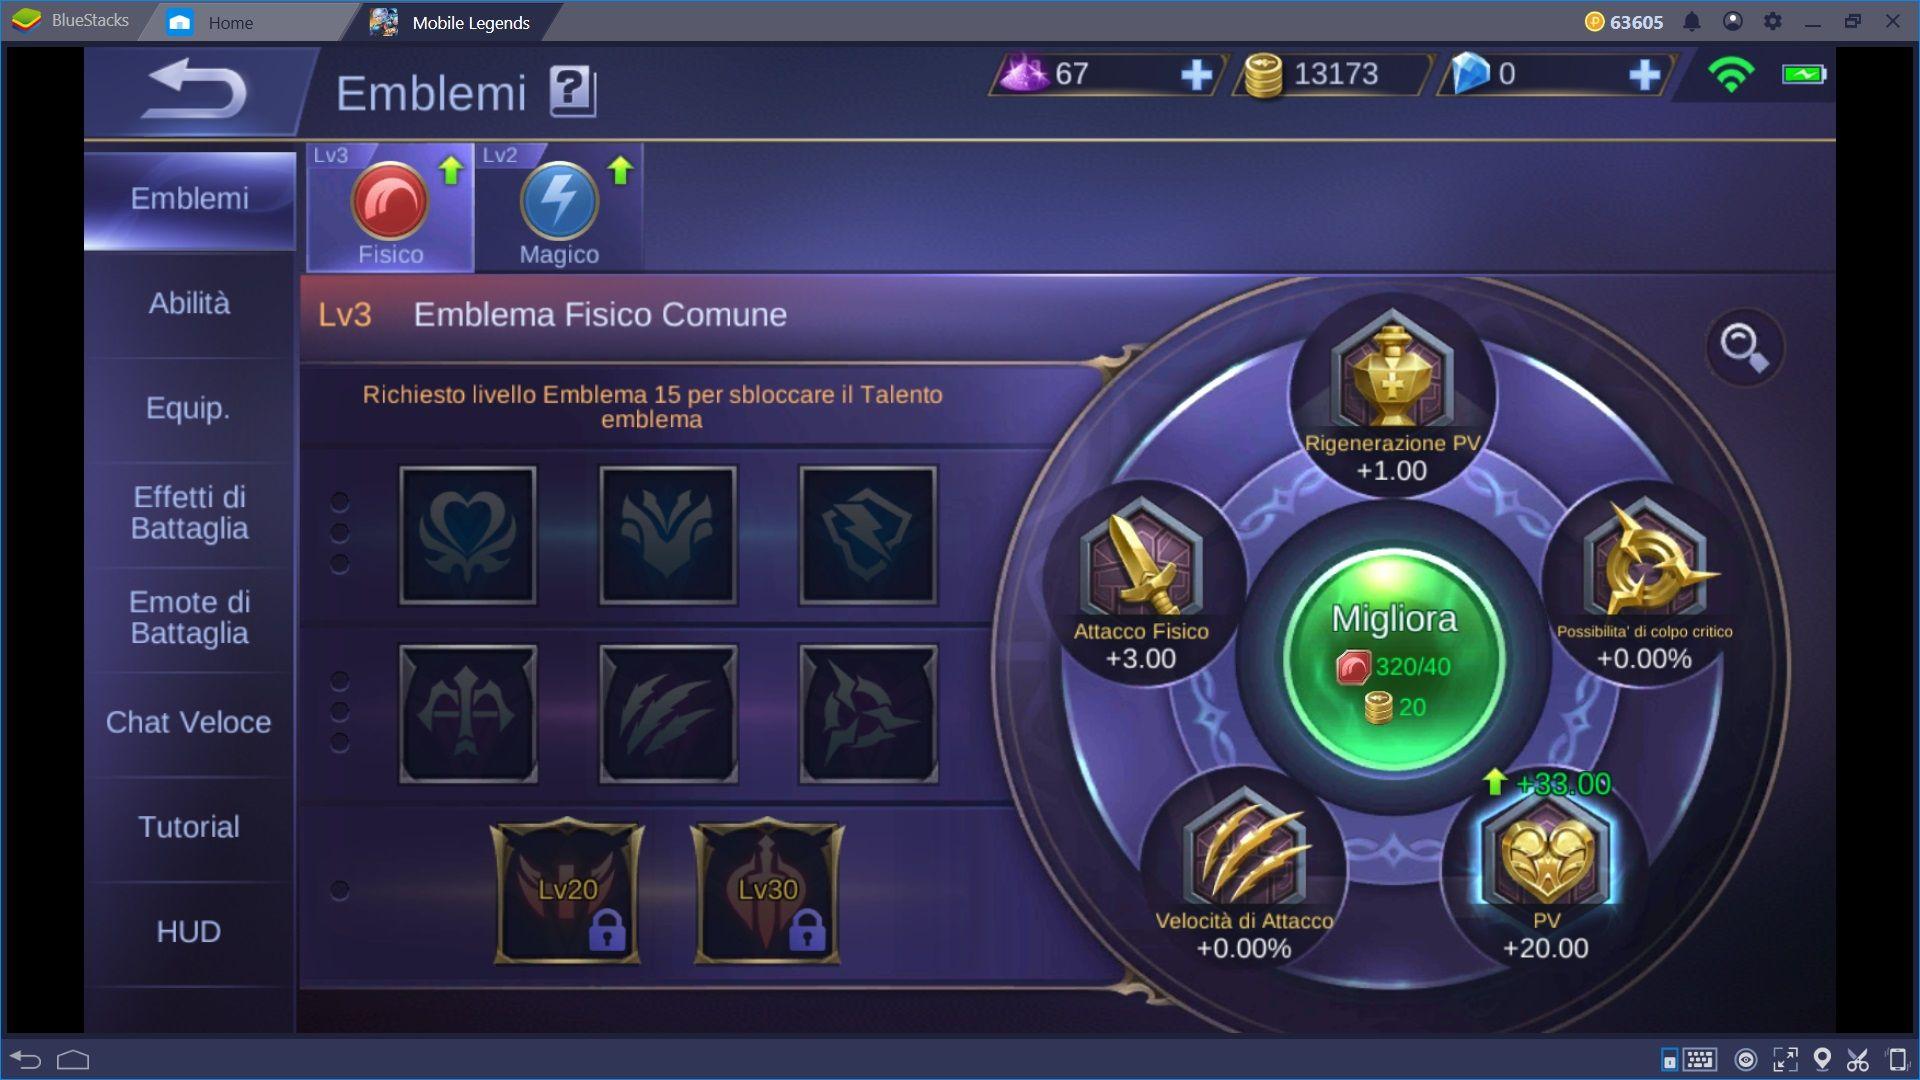 La Guida per i Nuovi Giocatori di Mobile Legends: Bang Bang